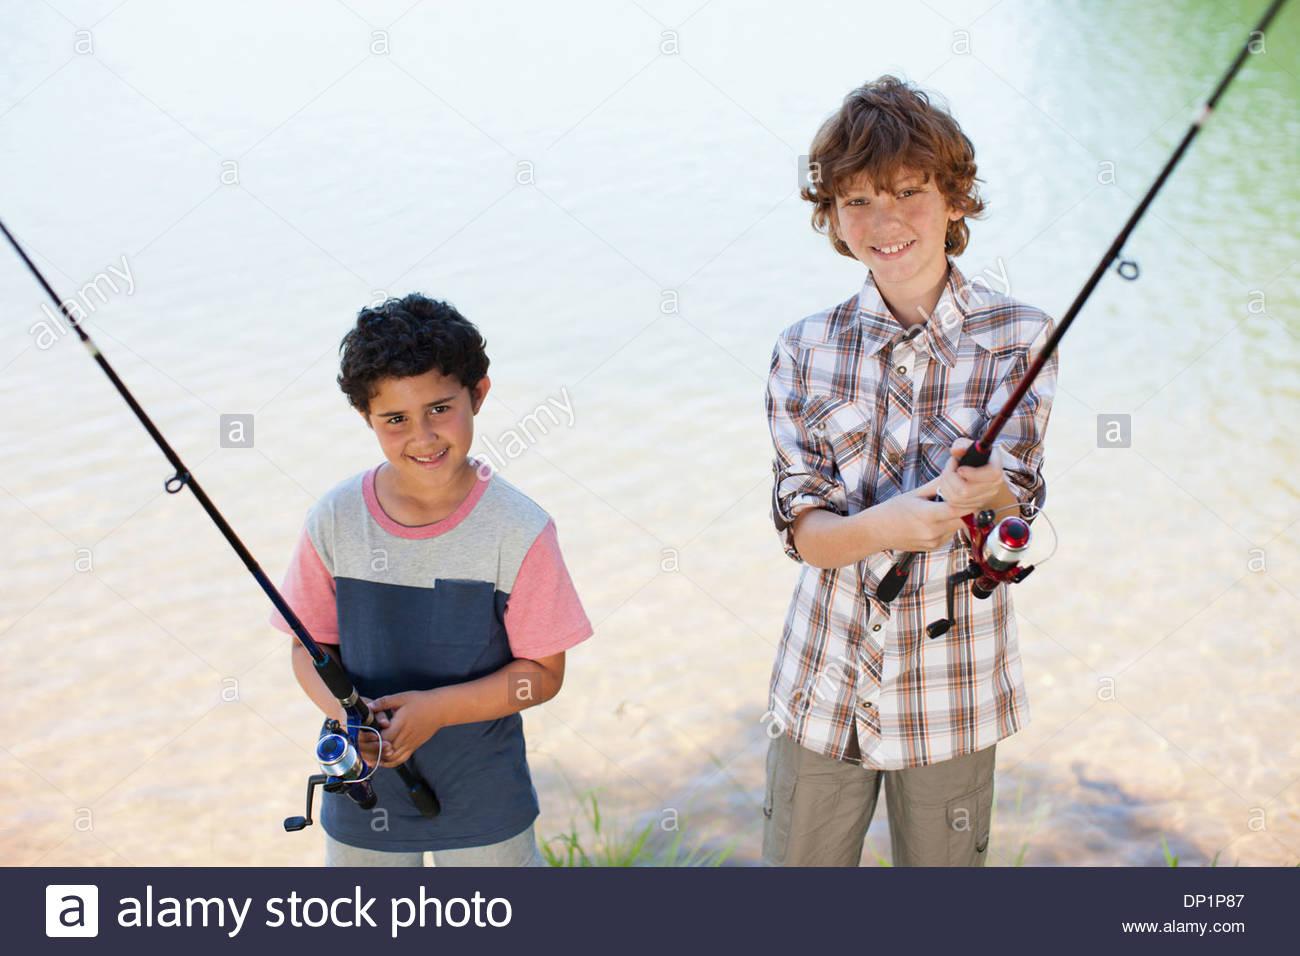 Boys holding fishing rods lakeside - Stock Image